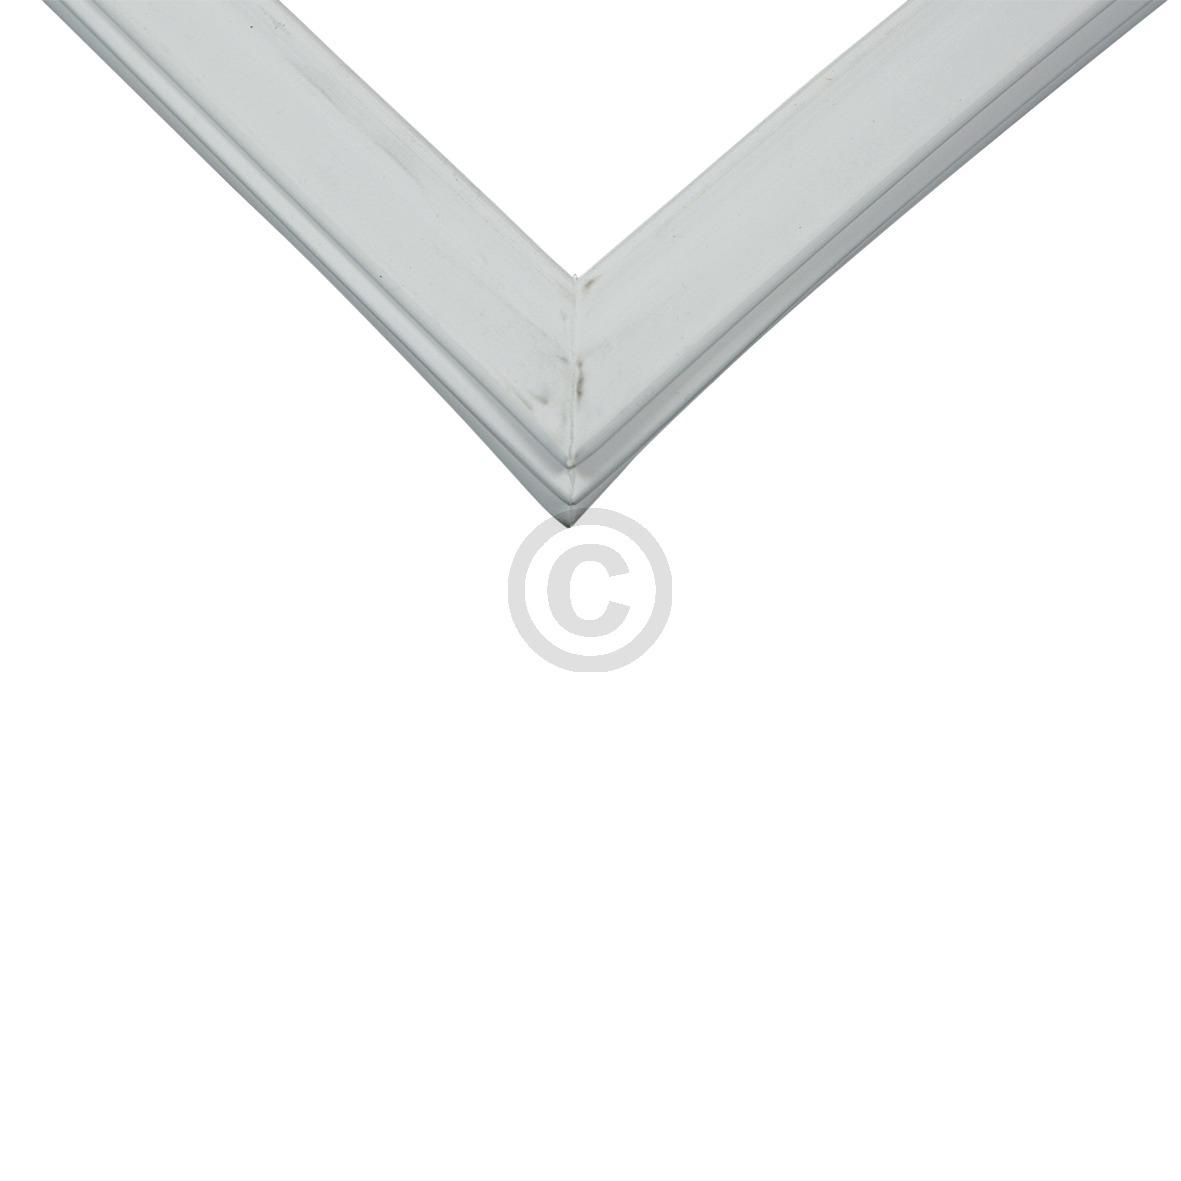 Türdichtung 4-seitig 480131100101 Bauknecht, Whirlpool, Ikea